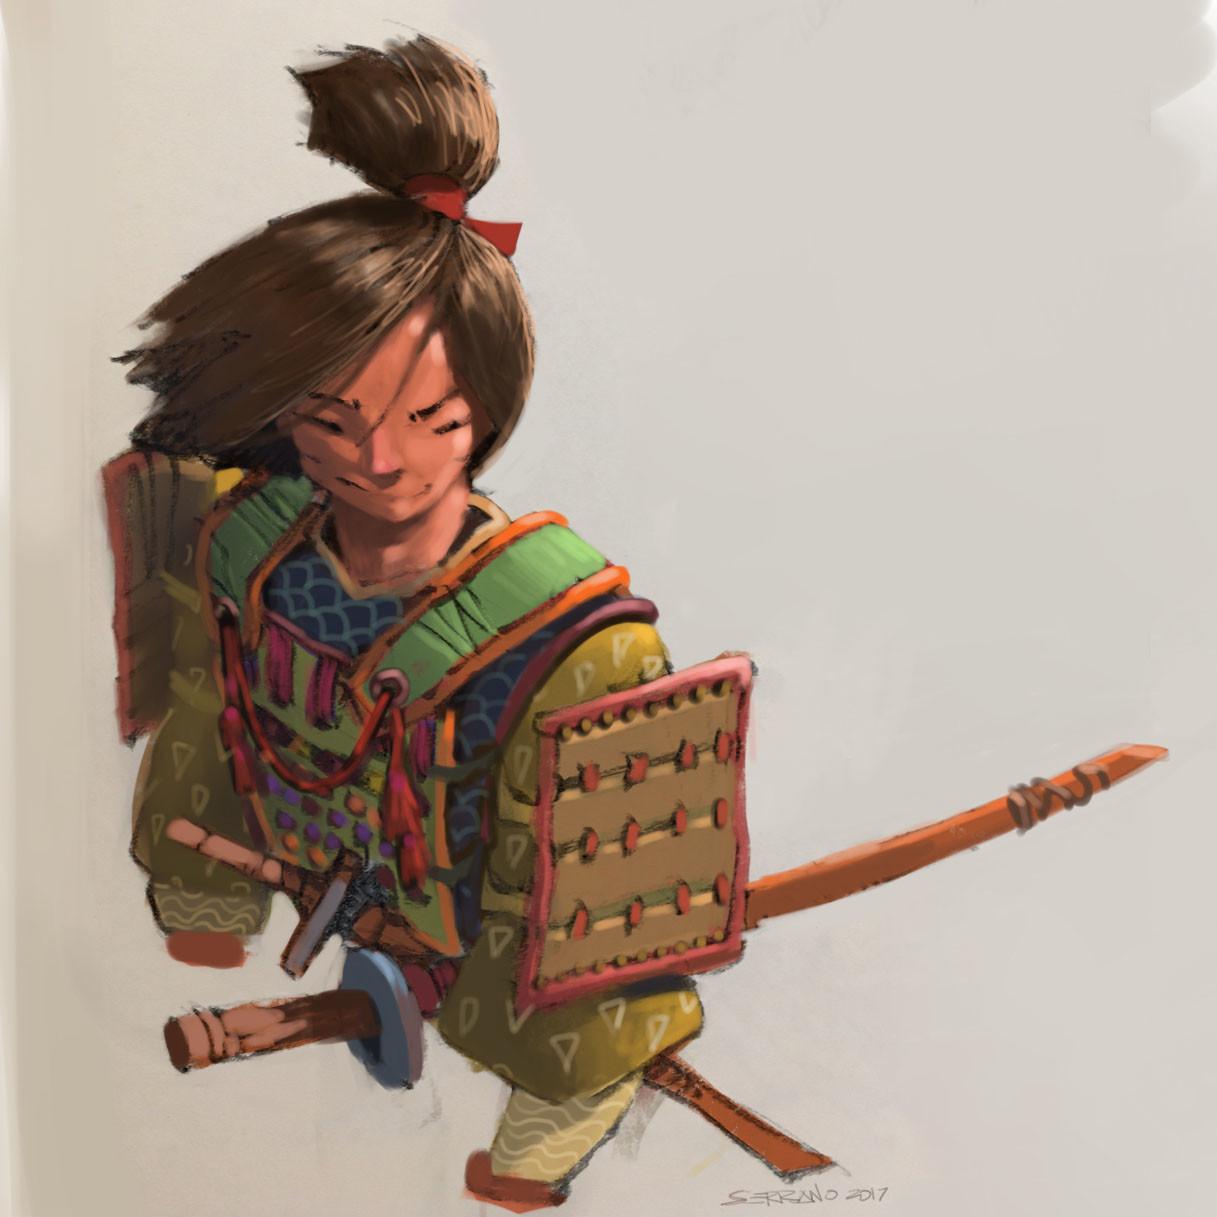 iPhone Painting: Young Samurai